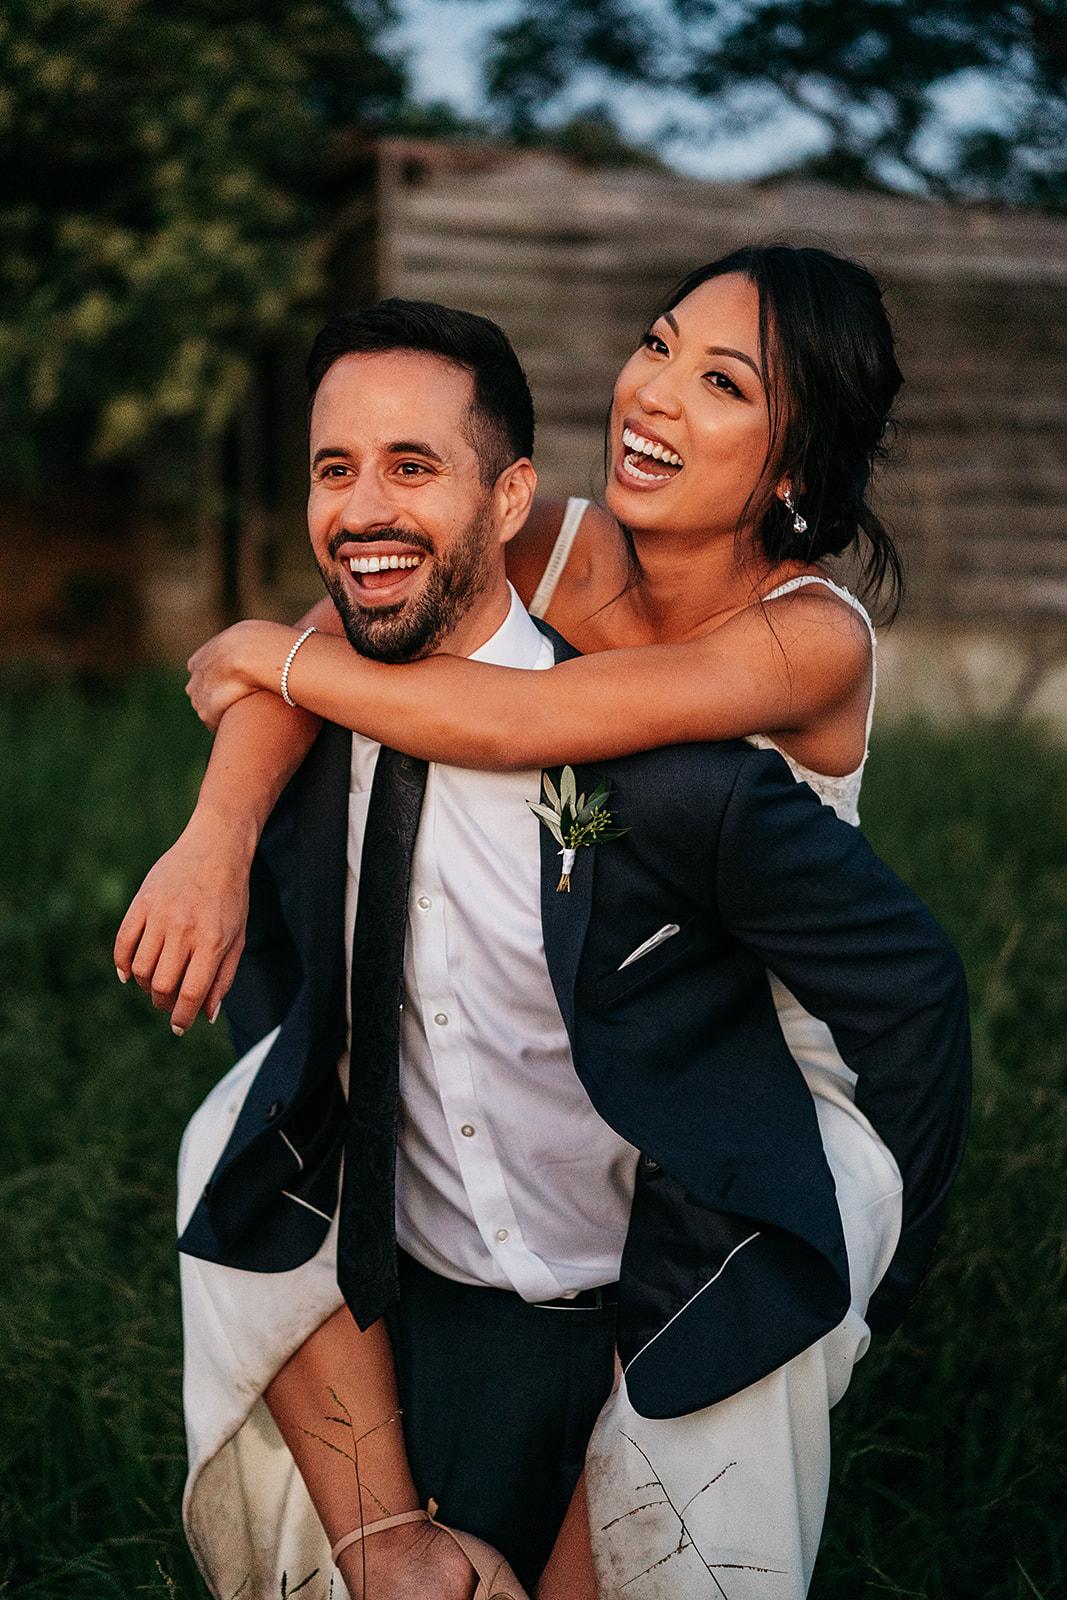 Marisa + Michael